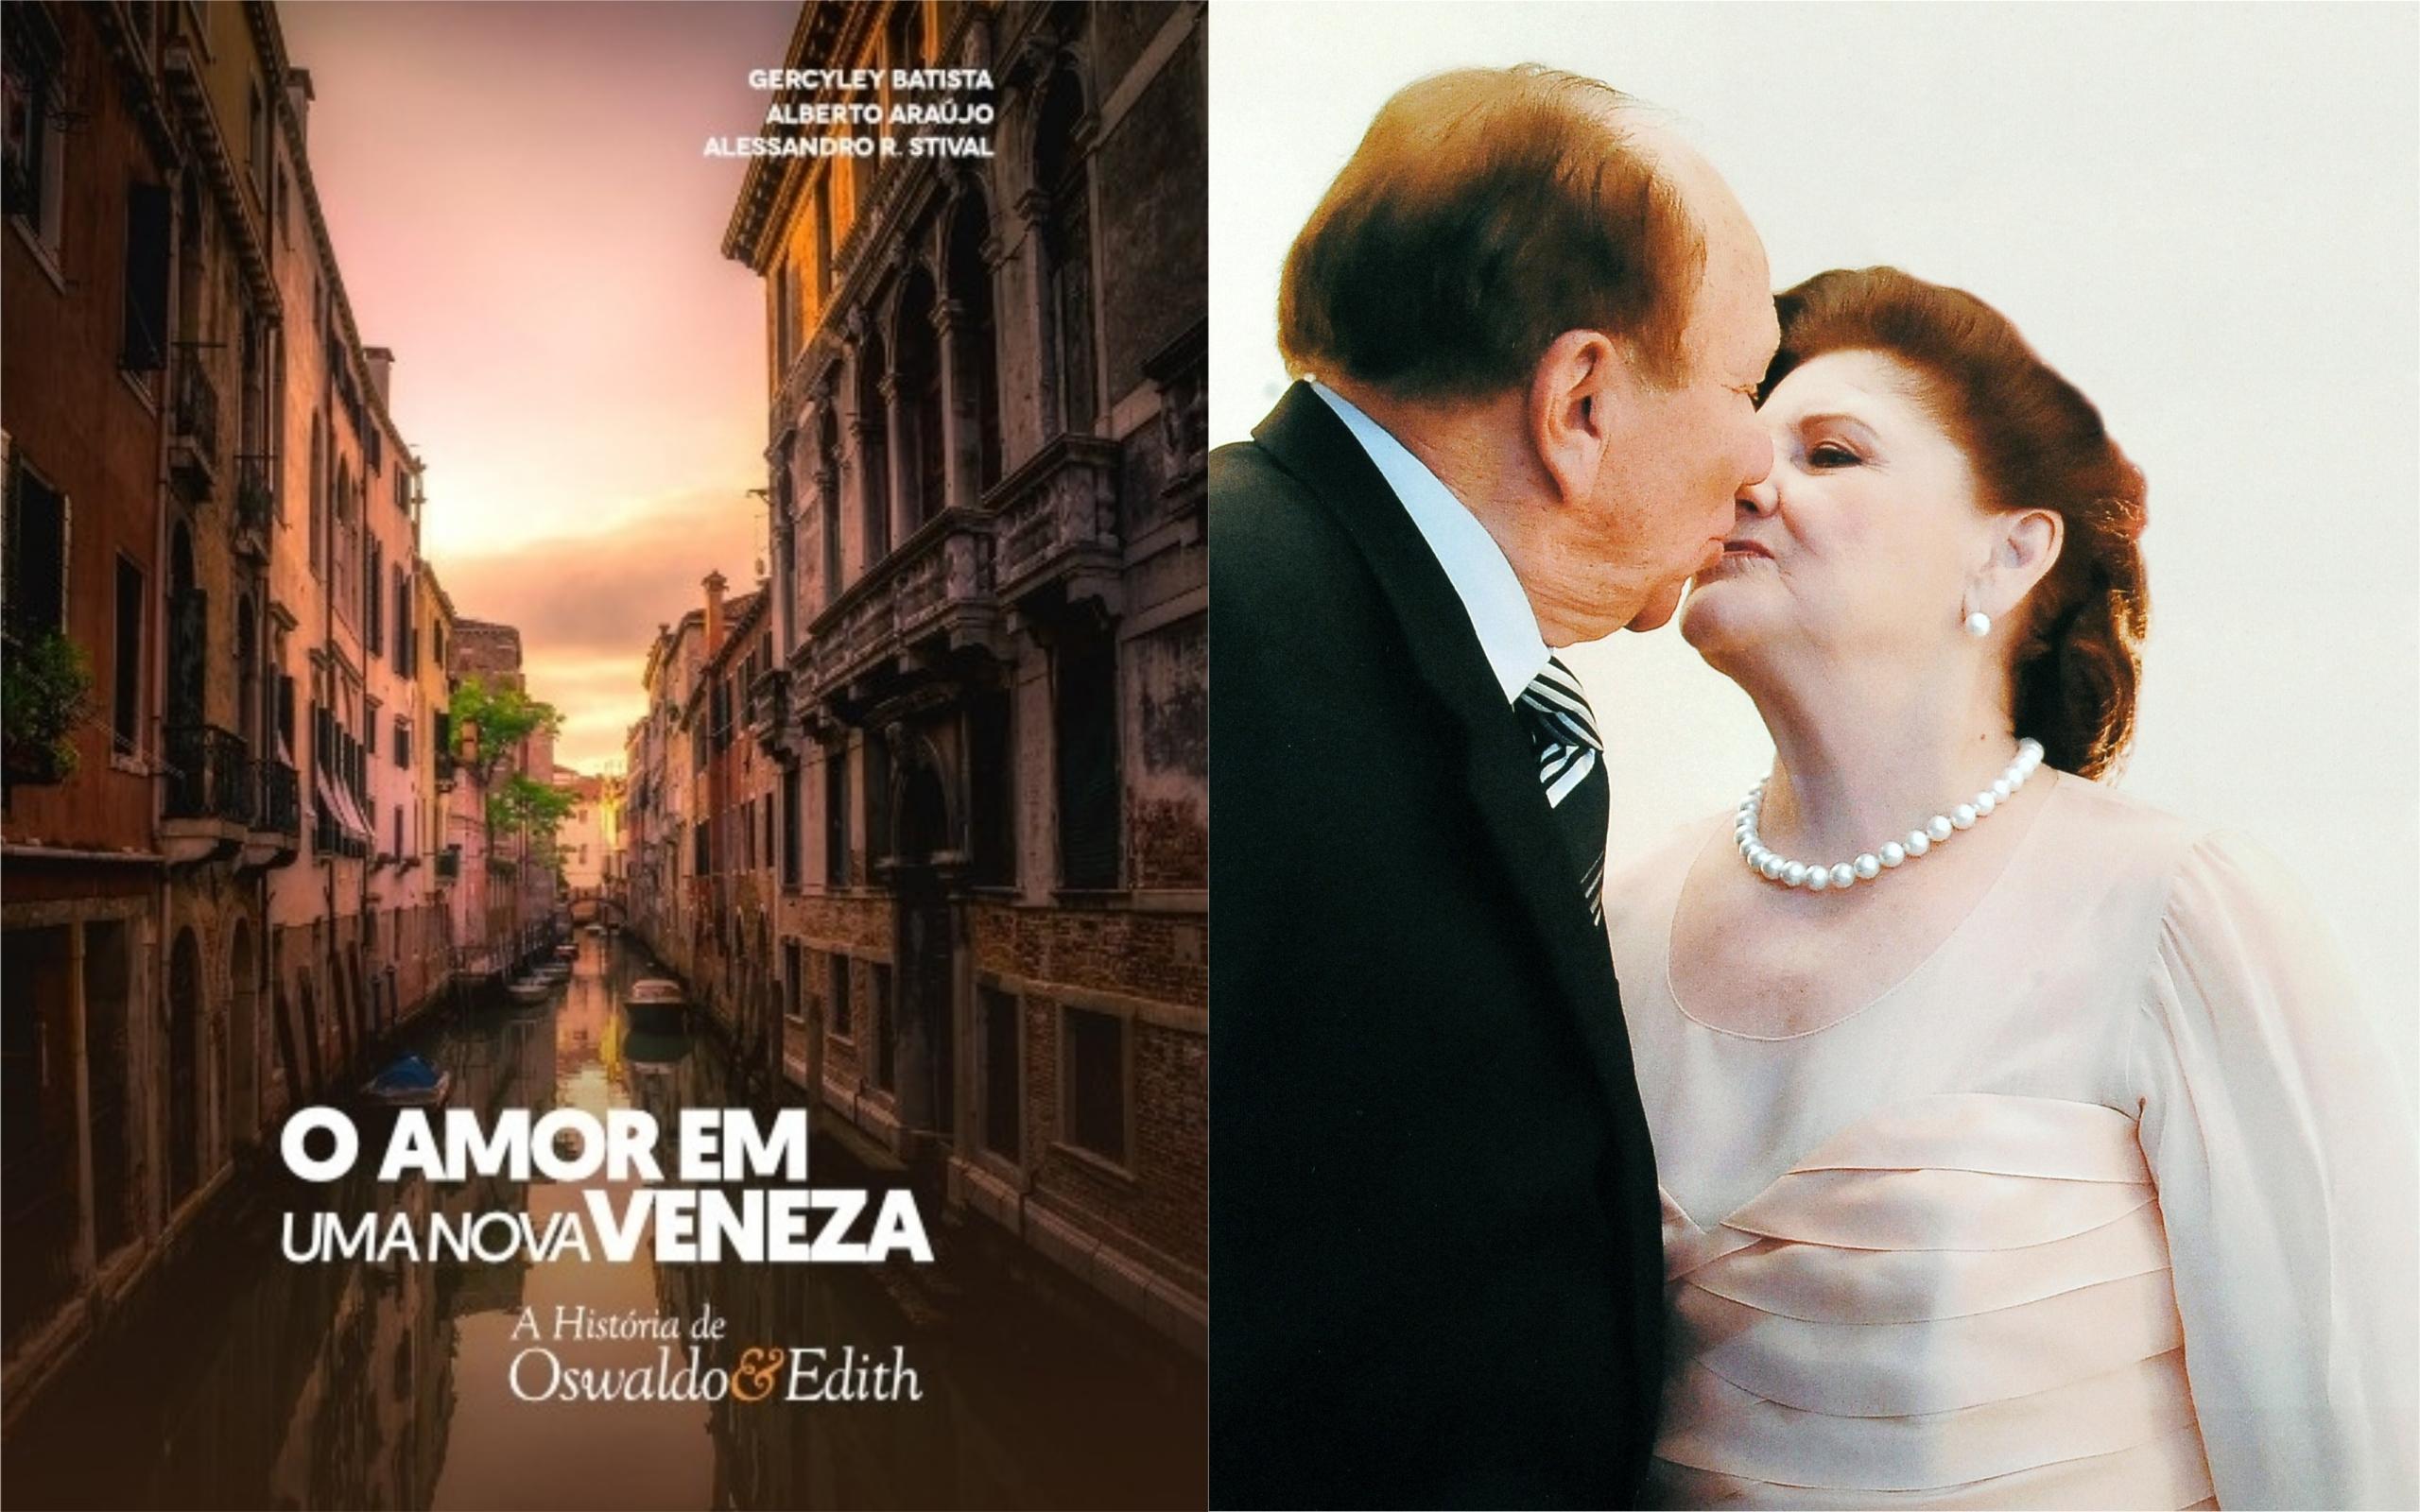 Livro sobre história de amor no interior de Goiás será lançado nesta terça-feira (12)